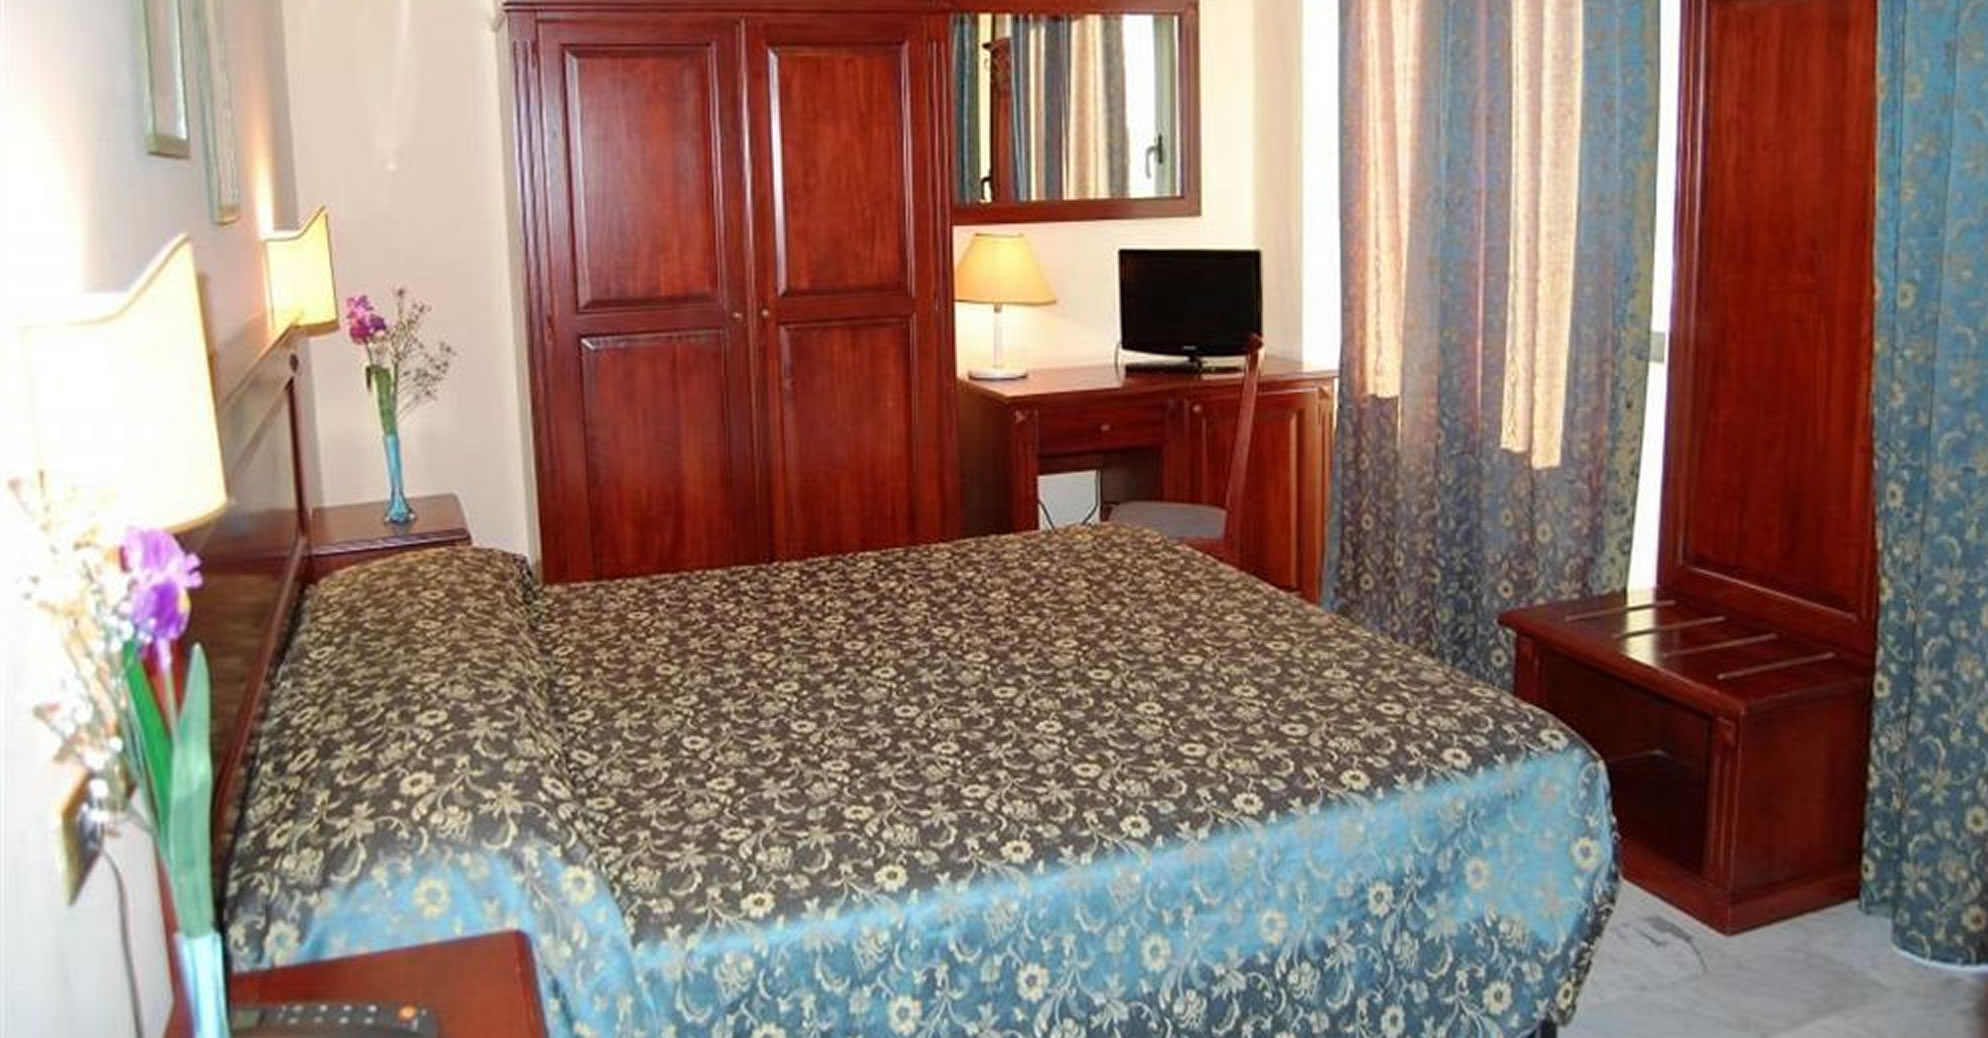 Hotel astor firenze sito ufficiale camere e servizi astor firenze - Camere da letto firenze ...